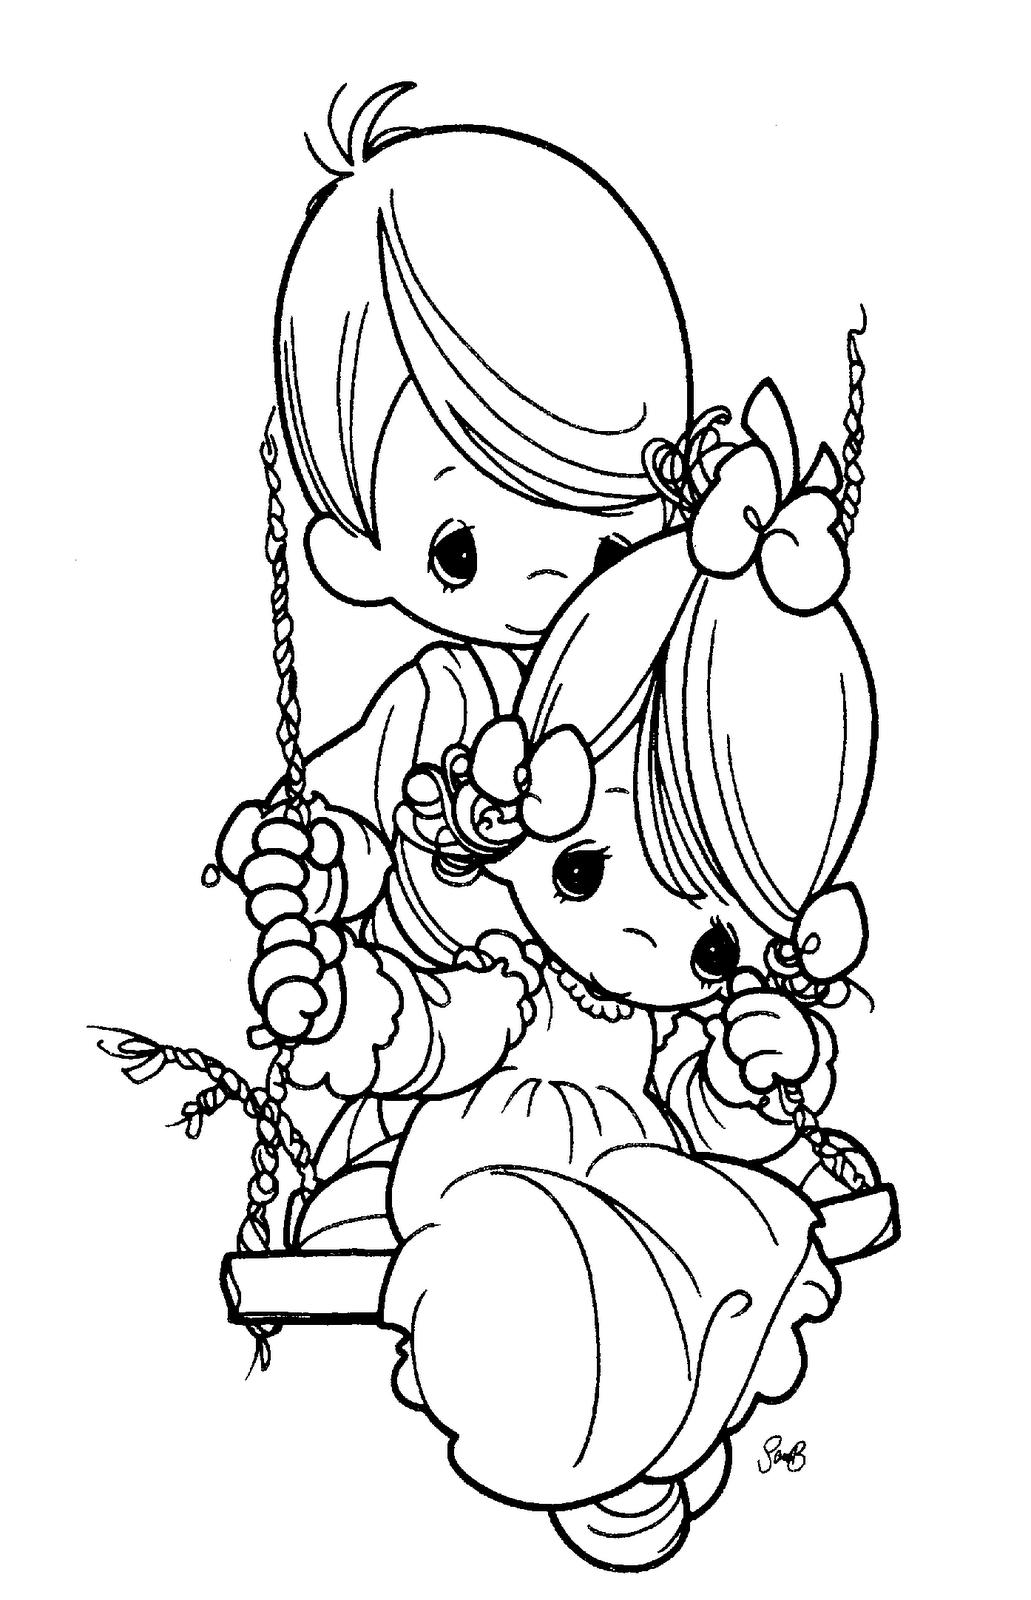 Desenhos De Amigos E Amizade Para Colorir Pintar Imprimir